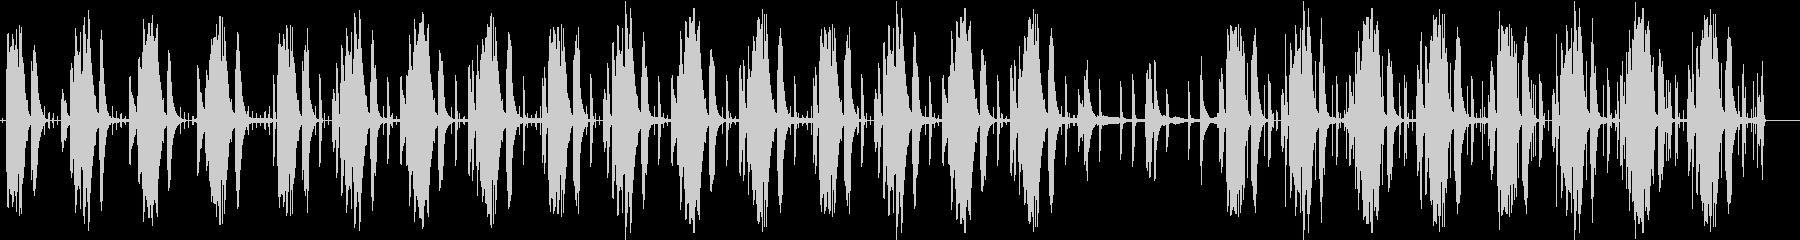 同じフレーズが繰り返される曲の未再生の波形